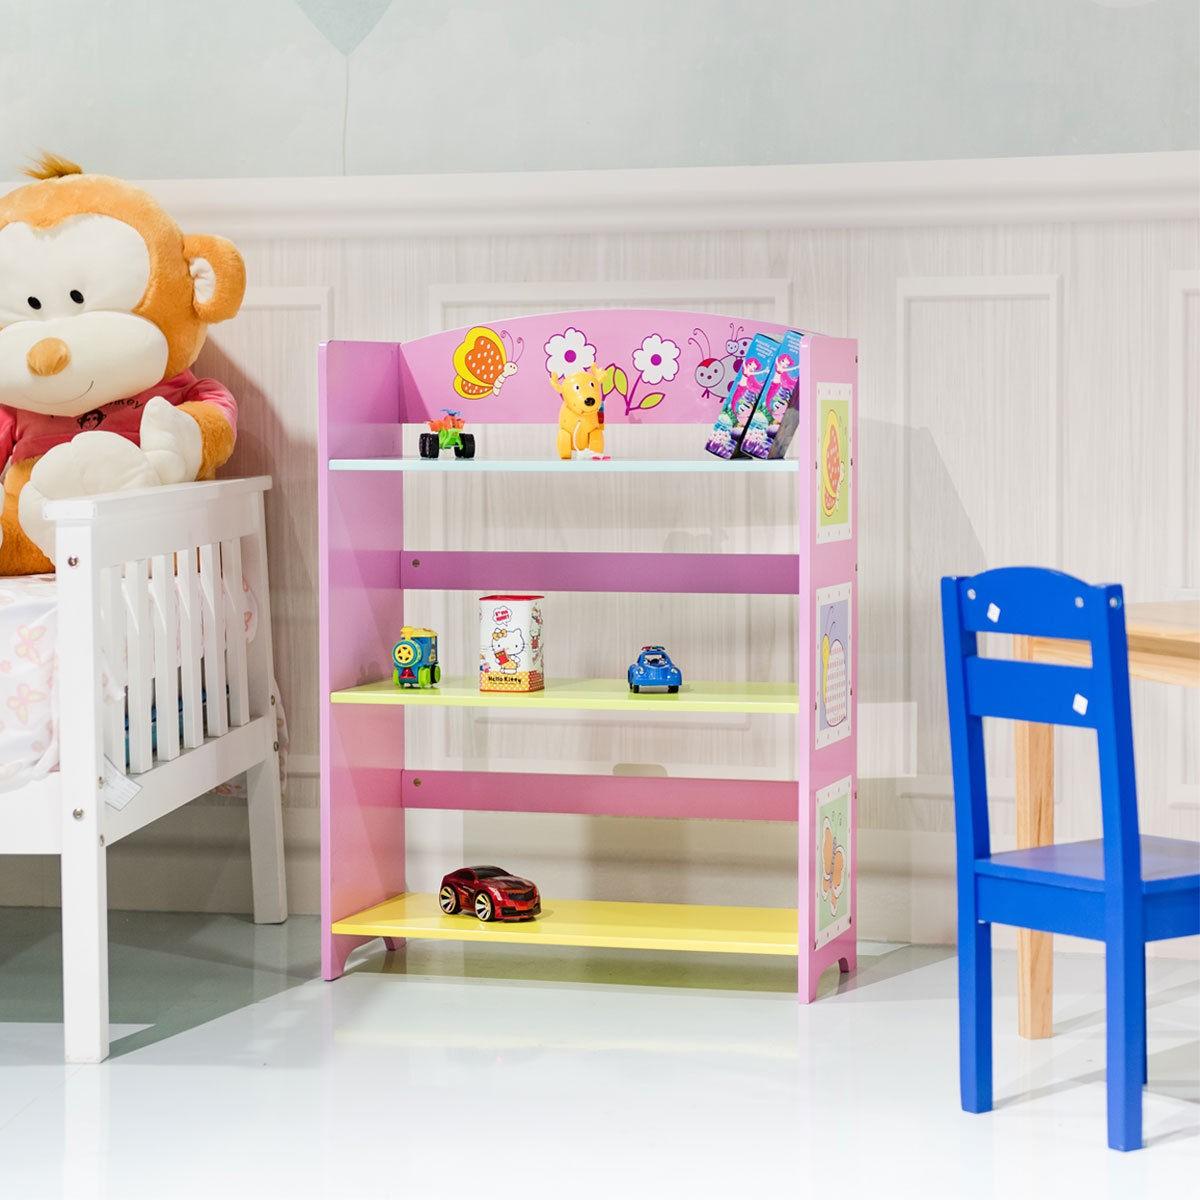 Details About Kids Children Room Adorable Corner Adjustable Bookshelf Bookcase W 3 Shelves Us